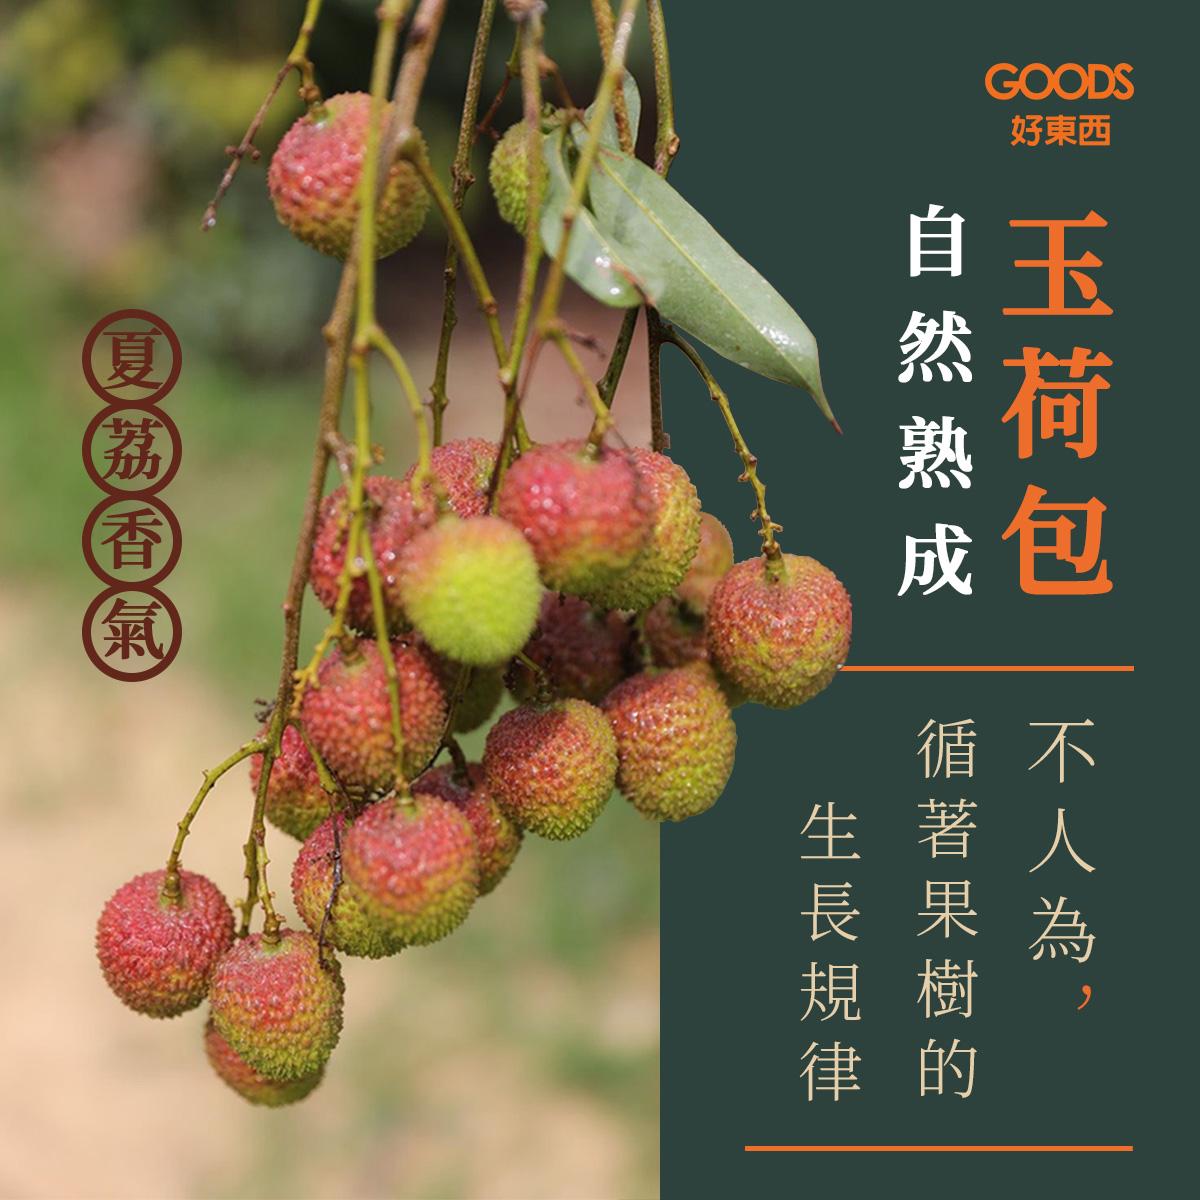 【夏荔香氣】循著果樹的生長規律-自然熟成的高雄大樹玉荷包